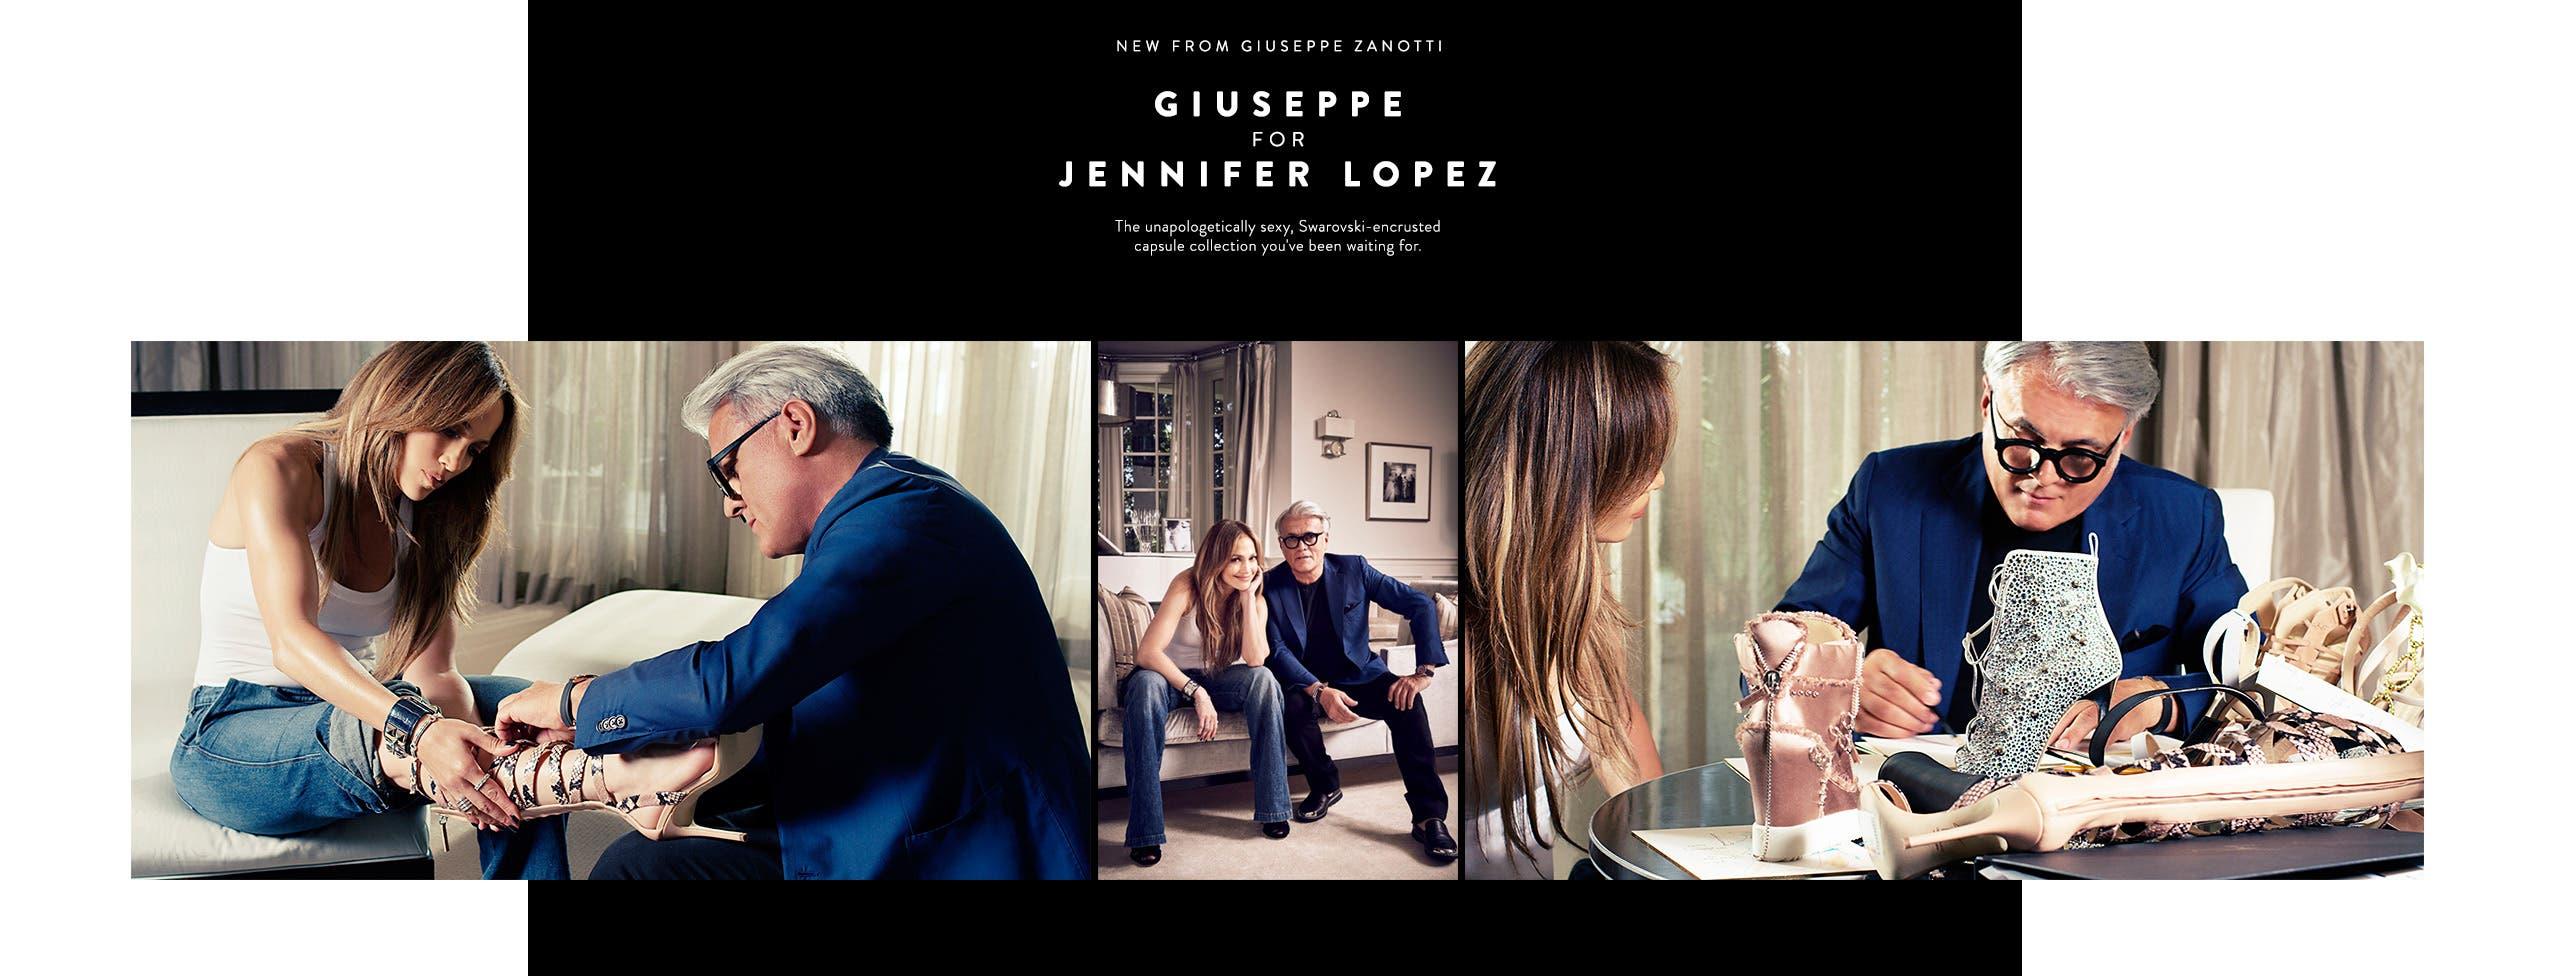 New designer shoes from Giuseppe Zanotti: Giuseppe for Jennifer Lopez.